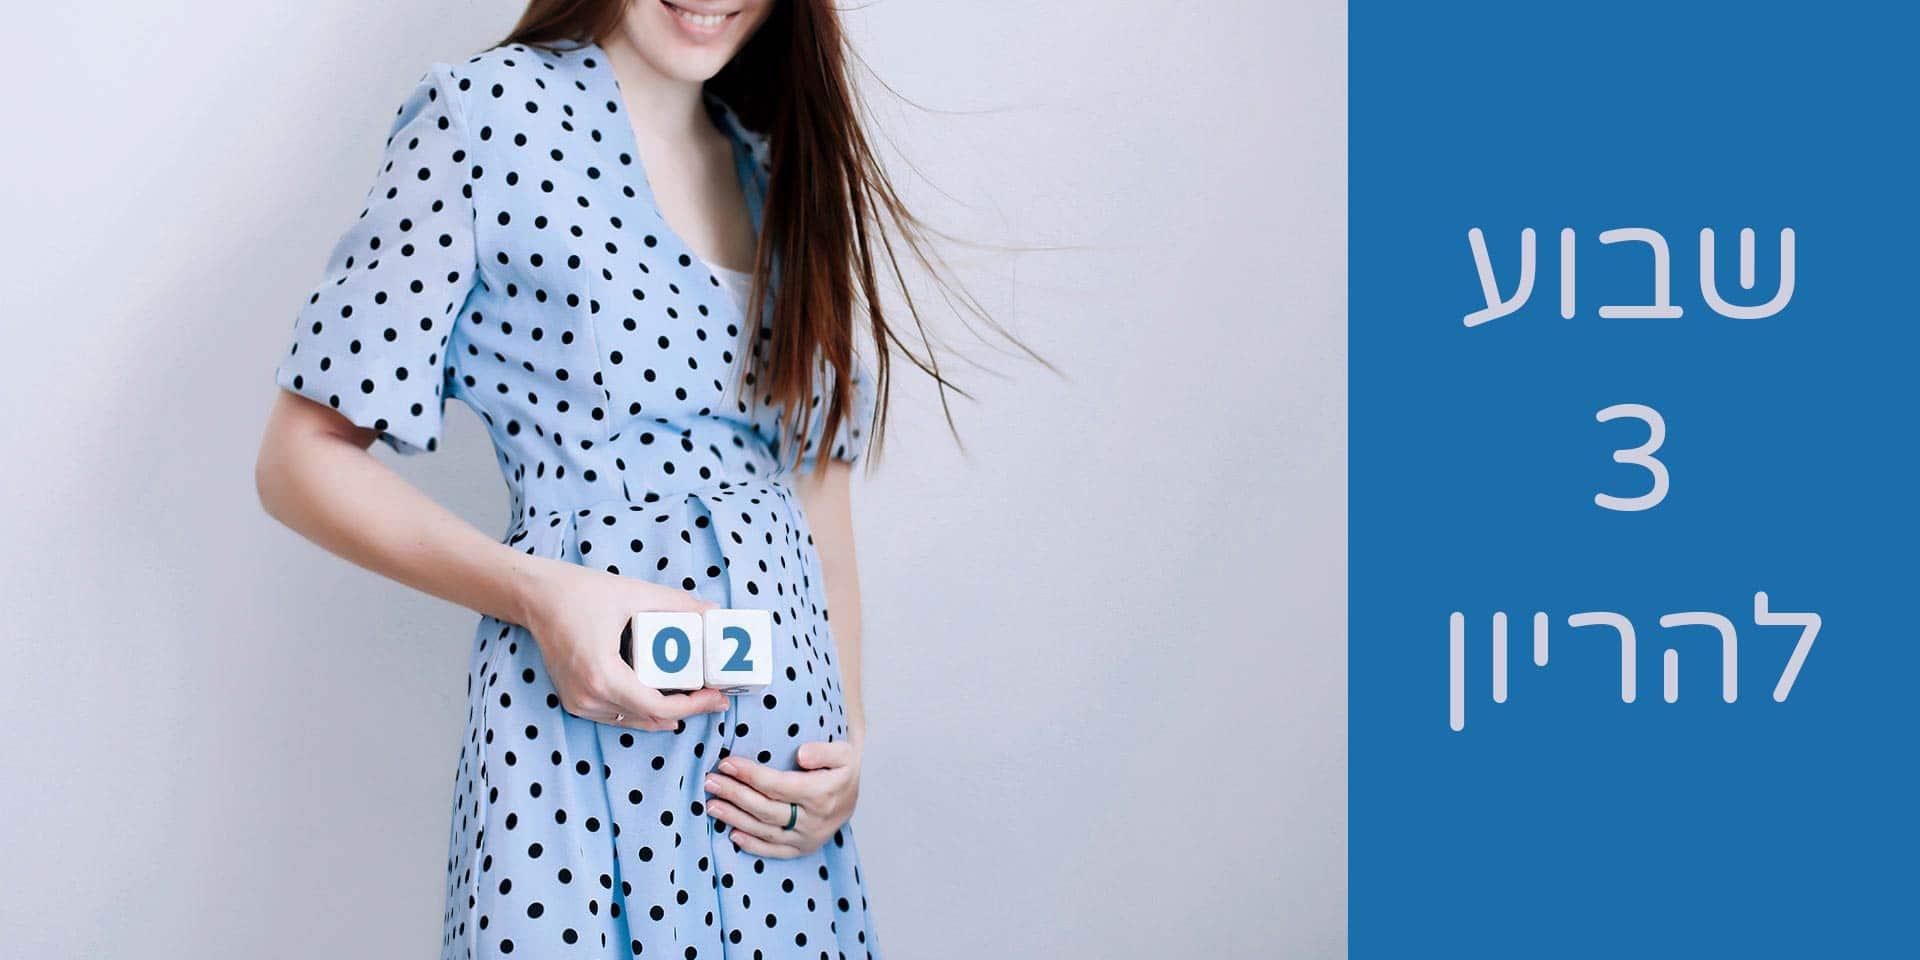 שבוע 3 להריון